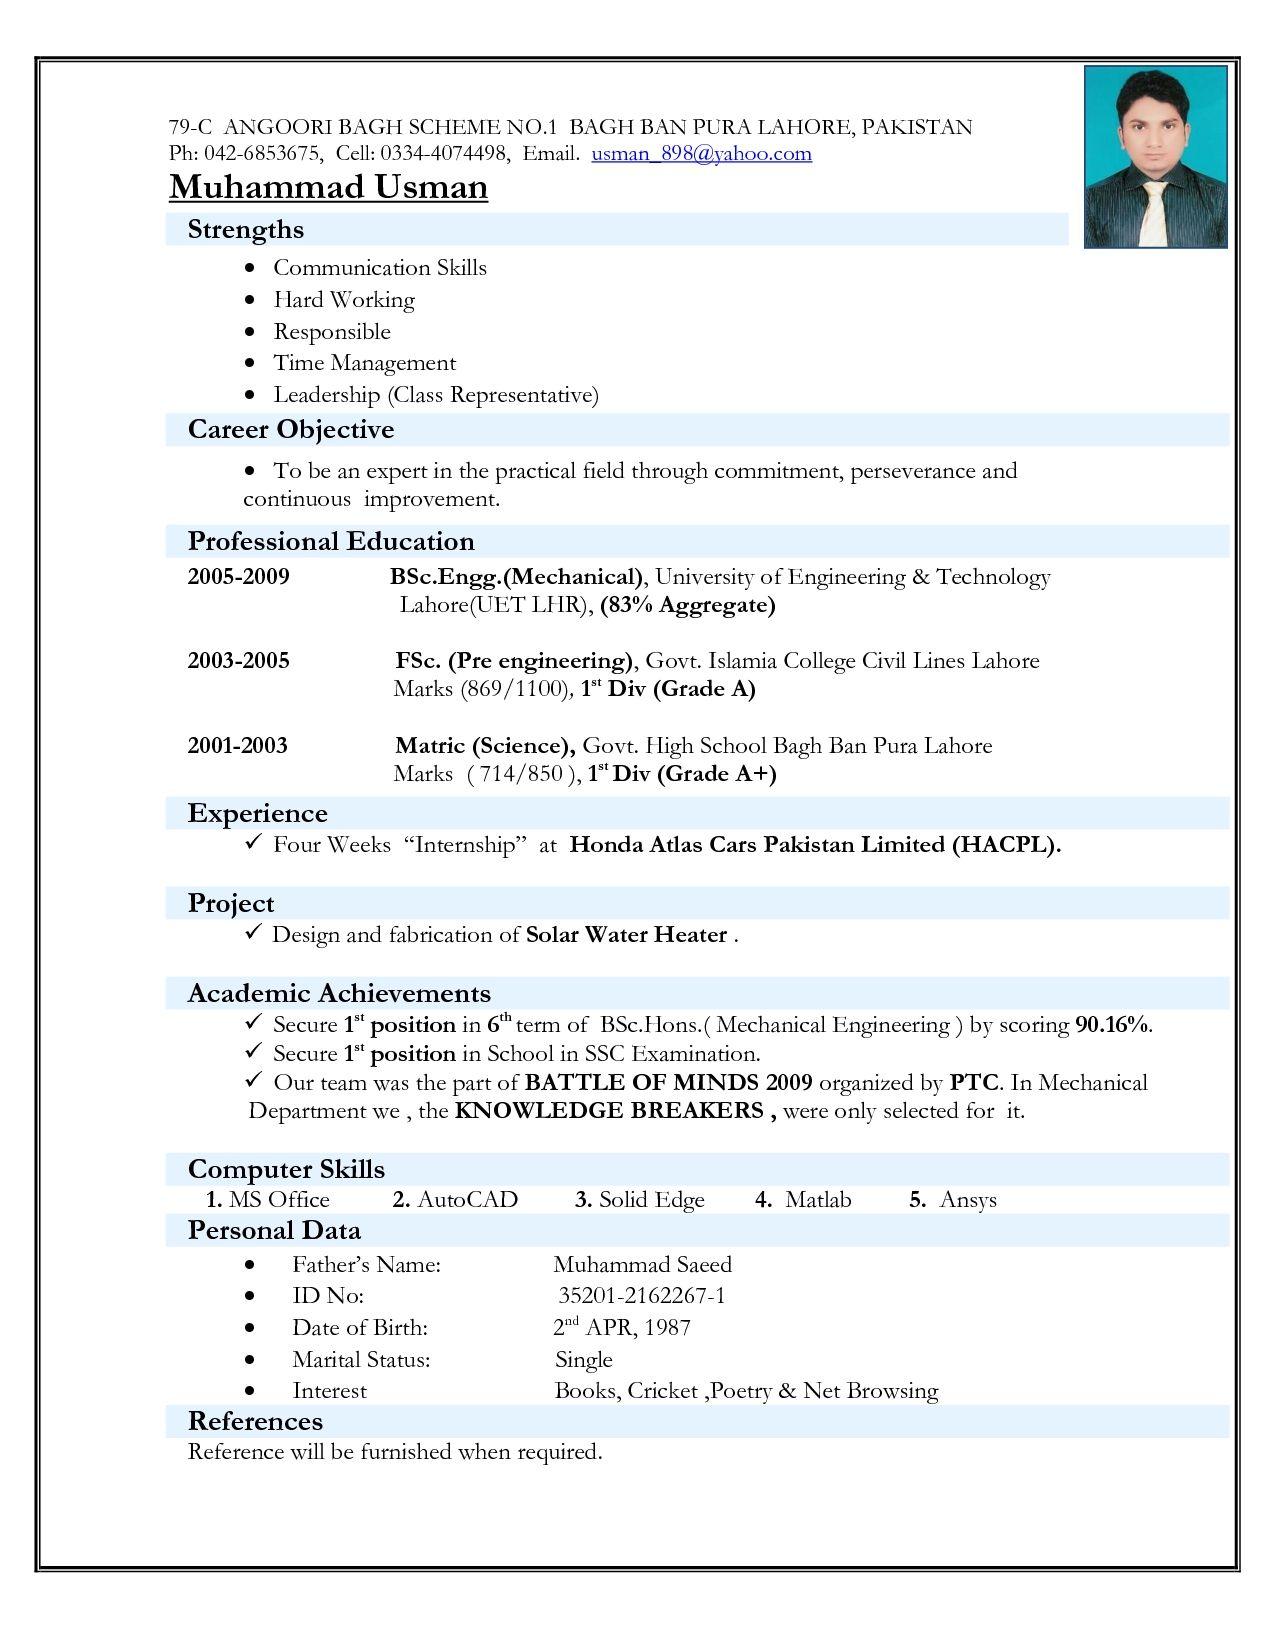 model resume for mechanical engineer freshers